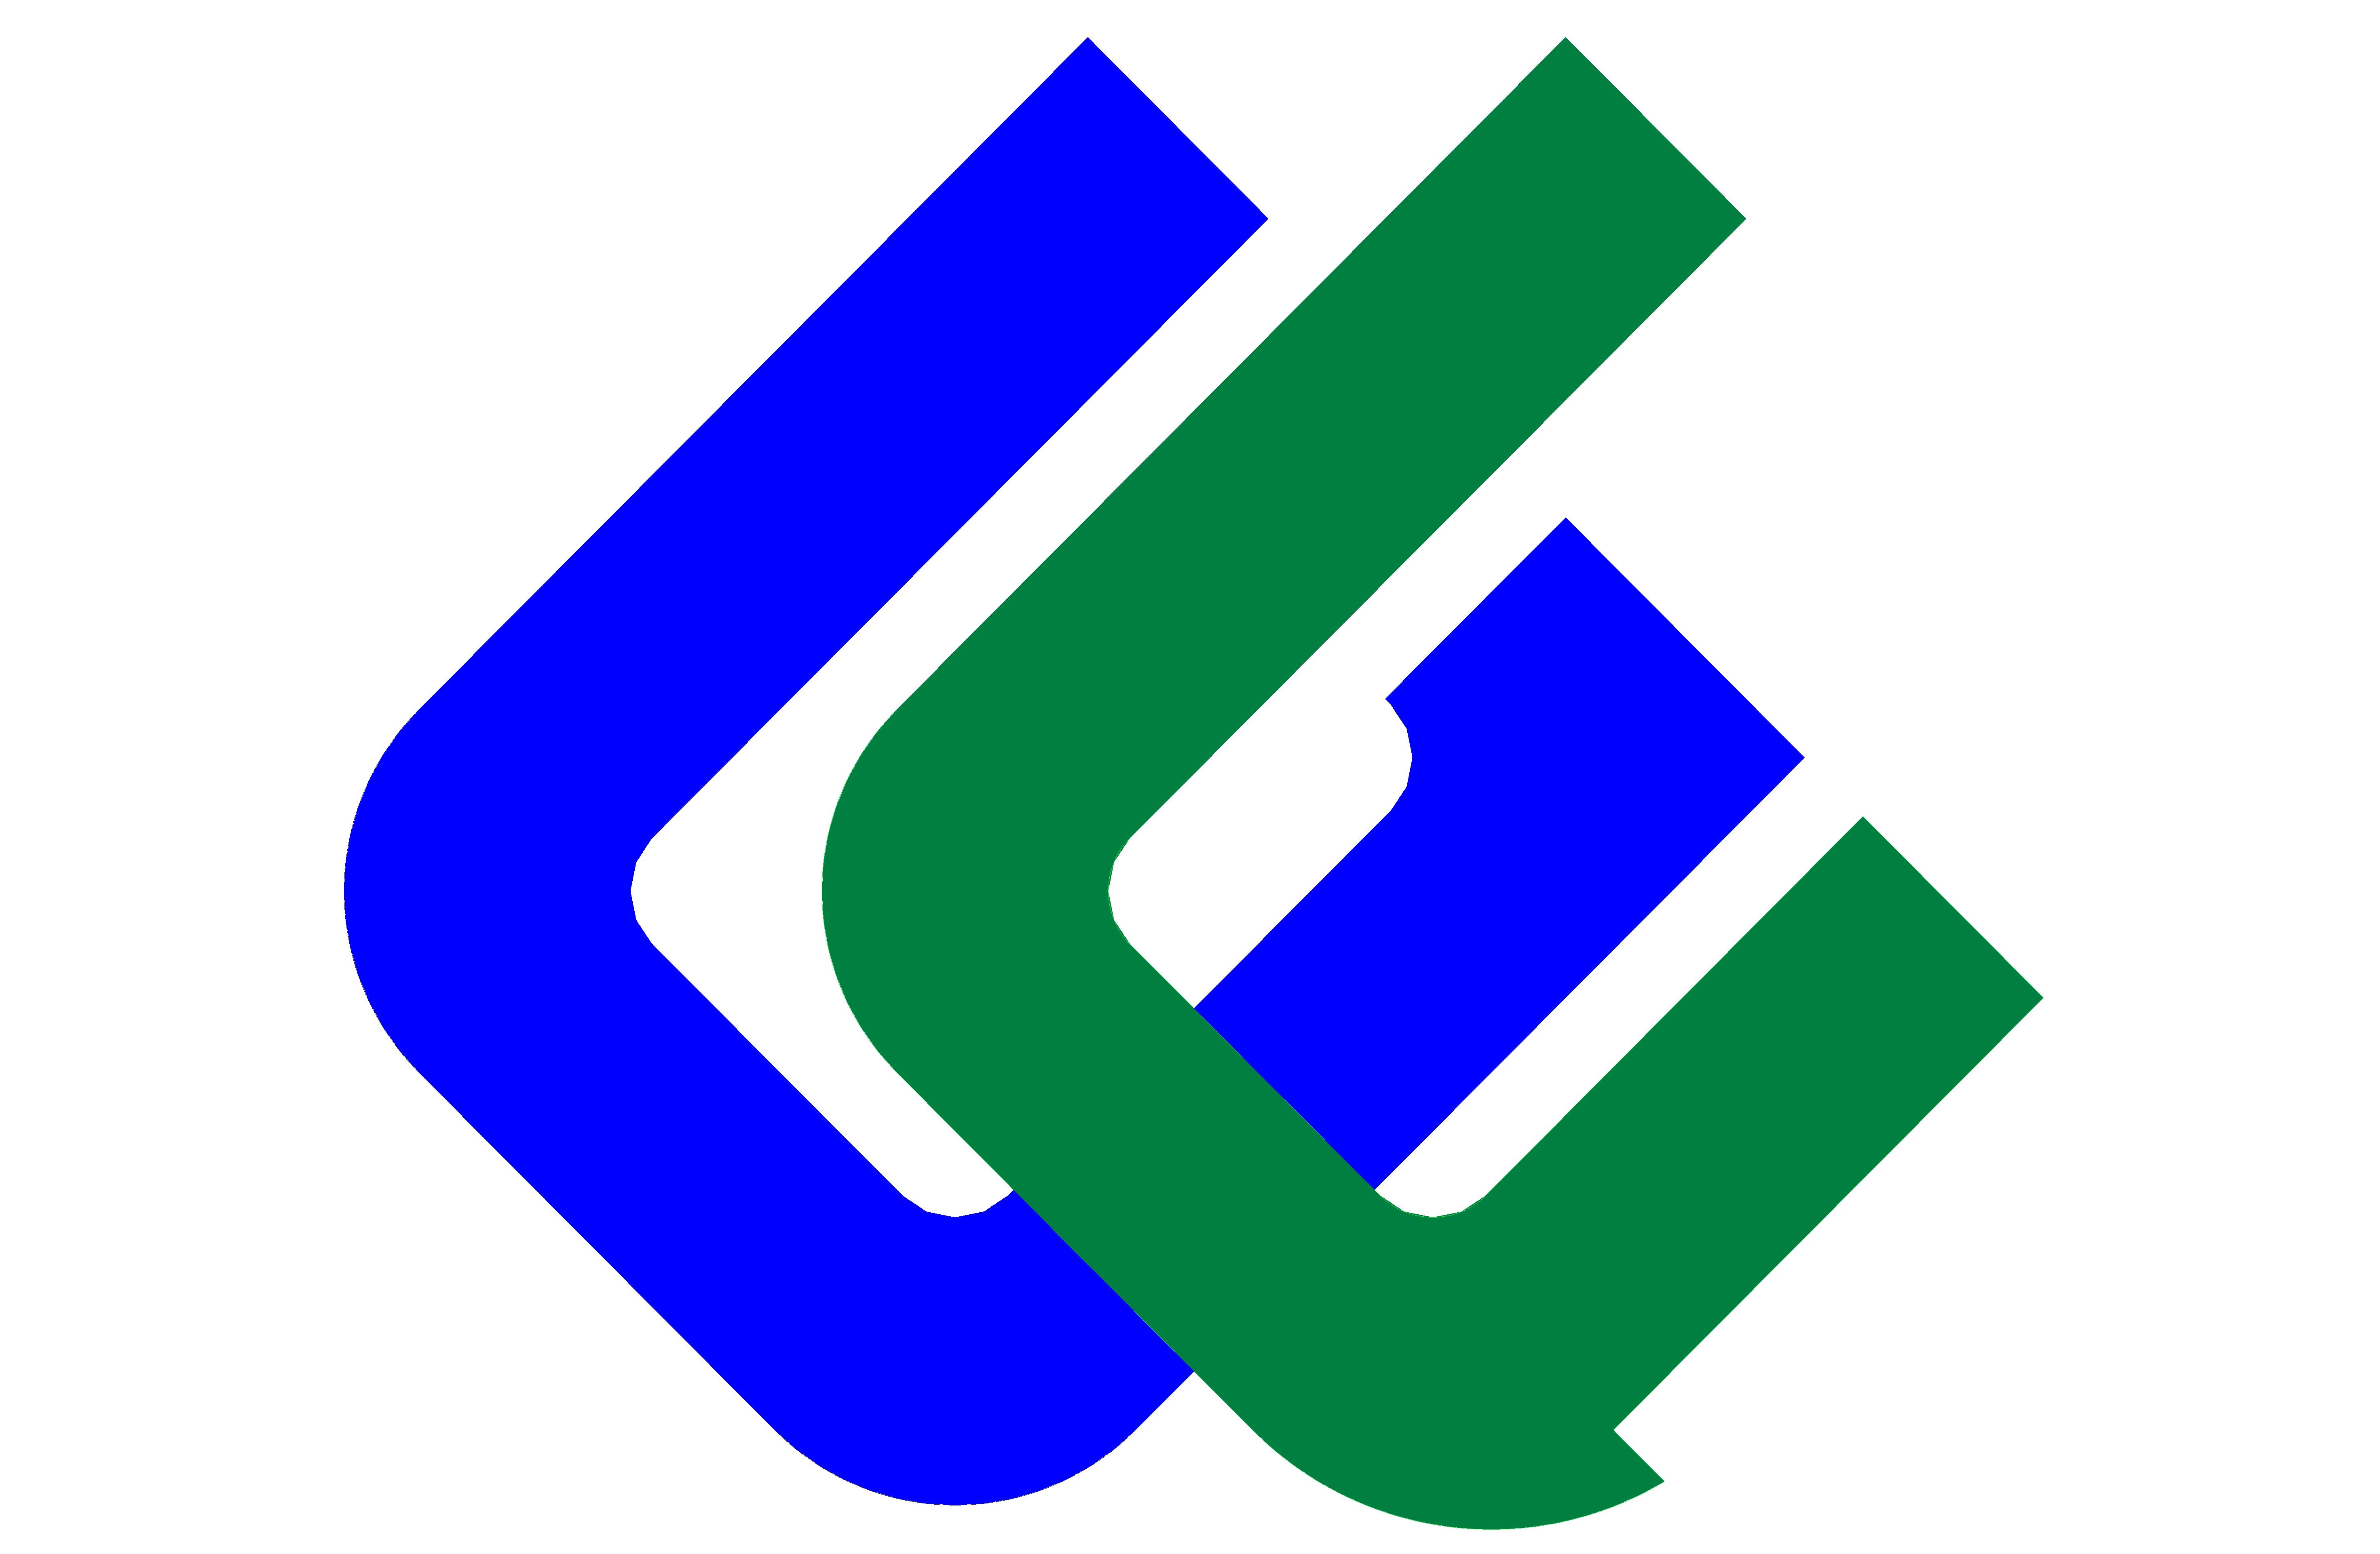 贵州高峰石油机械股份有限公司(原贵州高峰机械厂)始建于1971年。主要从事以石油钻采机具为主的民品生产。秉承真诚服务、追求卓越的核心价值观和做国际知名能源机具供应商和服务商的发展愿景,经过四十年发展,贵州高峰石油机械股份有限公司已成为中国石油钻采机具的十强企业之一,是中国生产震击器、减震器等石油钻井工具的龙头企业。 贵州高峰石油机械股份有限公司位于贵州省贵阳市。公司现有职工1100余人,其中工程技术人员280人,管理人员110人,具有中级以上专业技术职务的295人。公司总建筑面积12万平方米,净资产